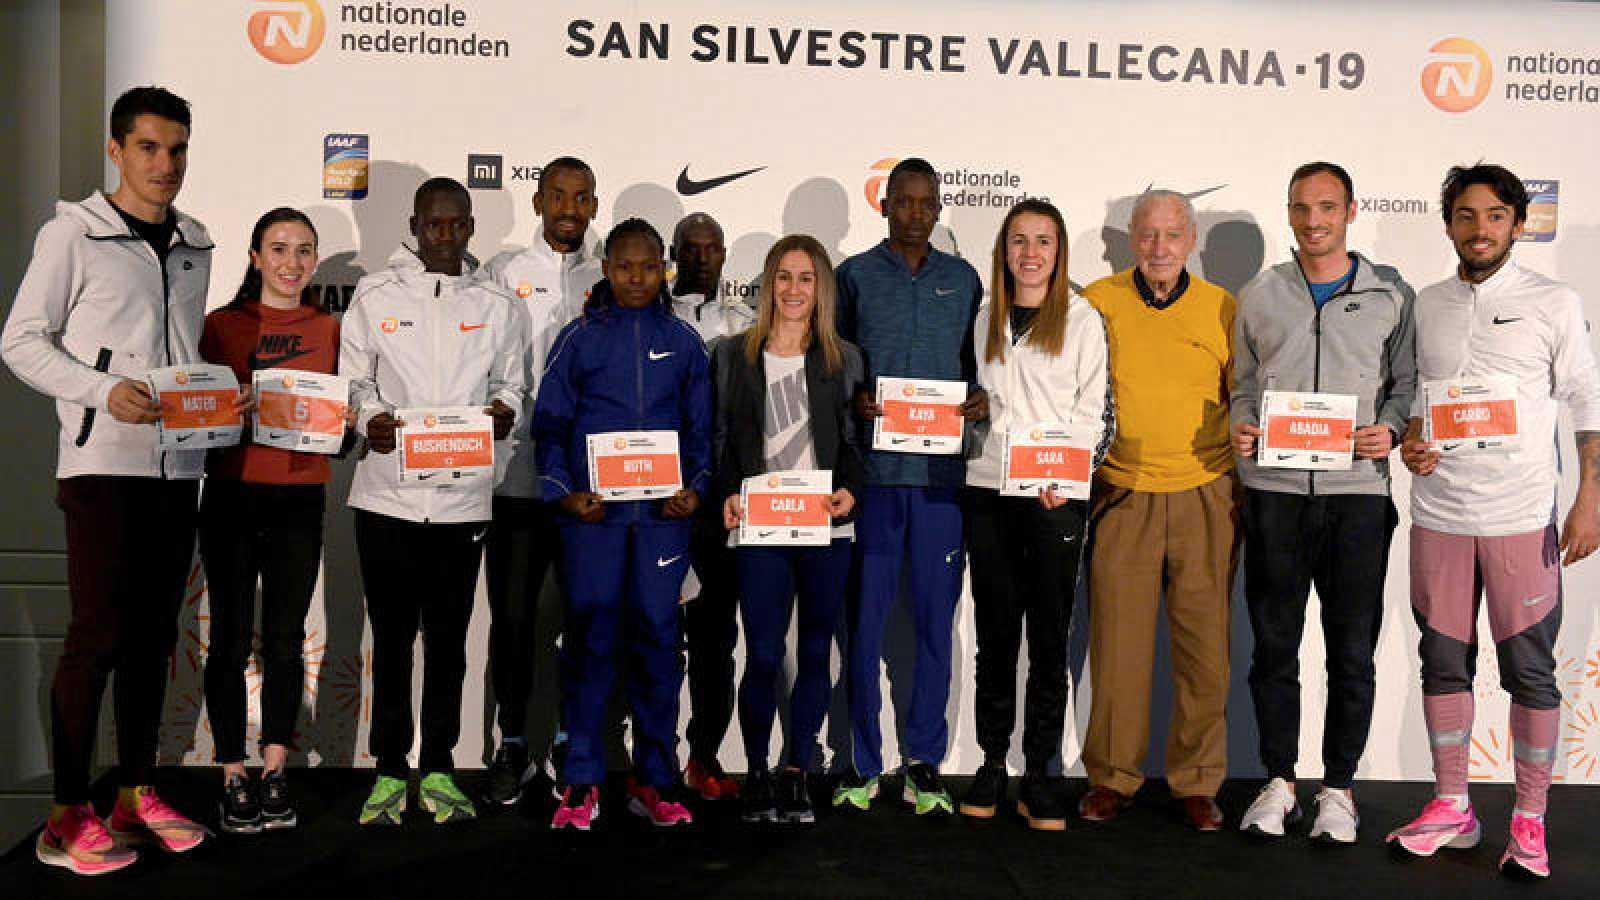 Presentación de los atletas para la San Silvestre